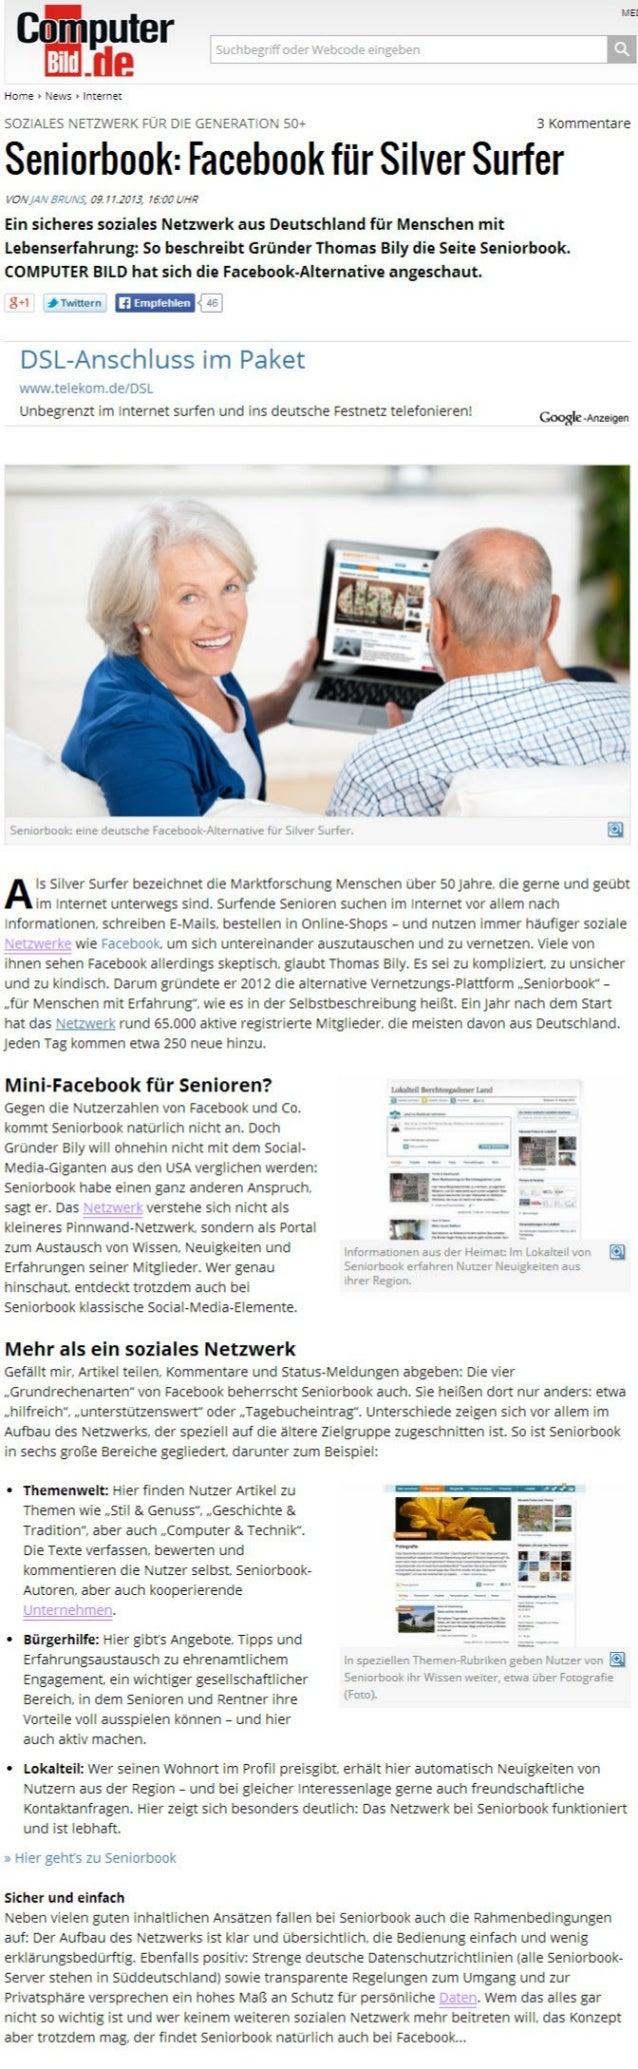 Soziale Netzwerke für die Generation 50plus